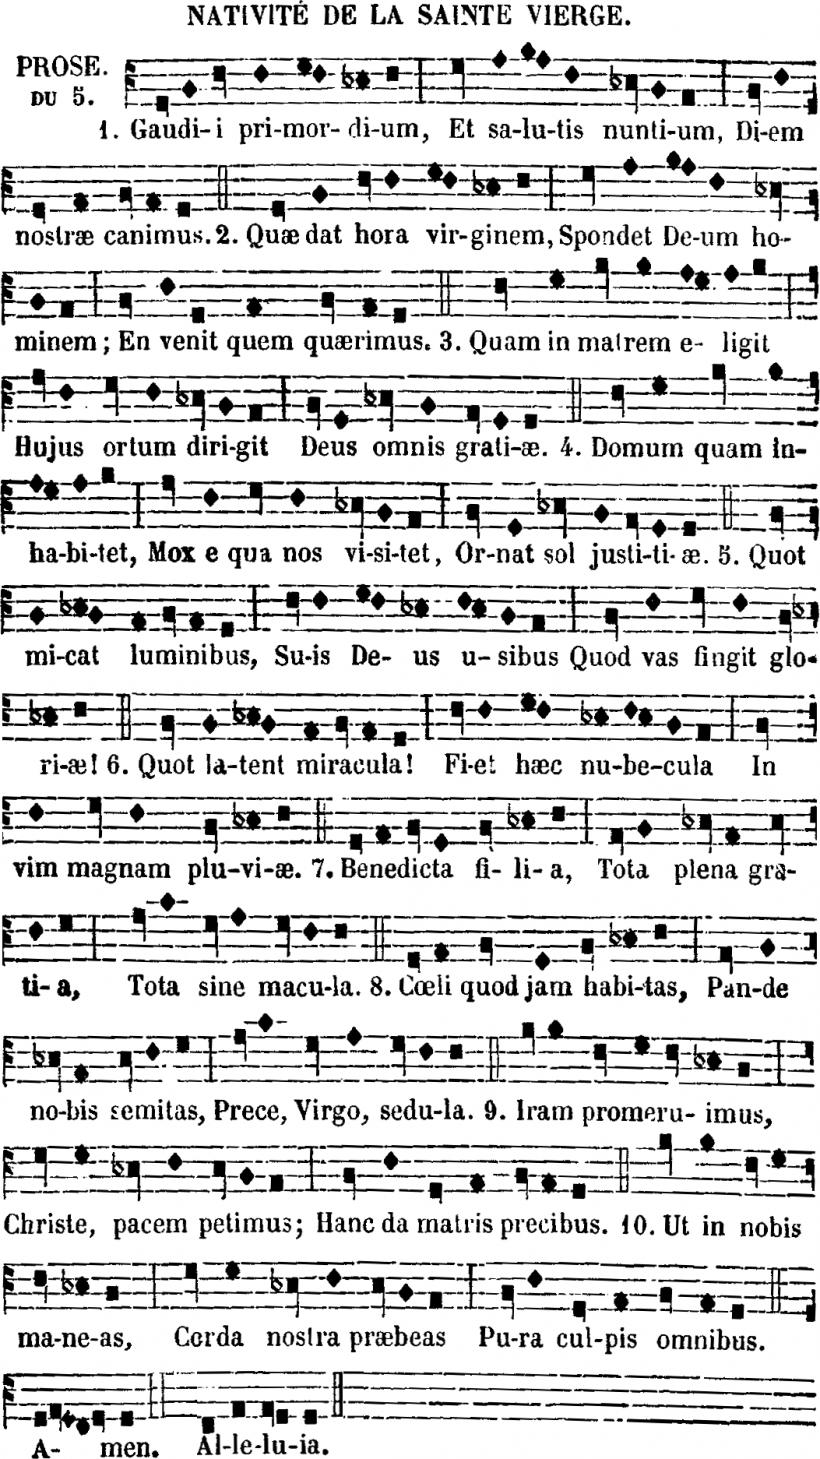 Gaudii primordium - prose parisienne de la fête de la Nativité de la Sainte Vierge